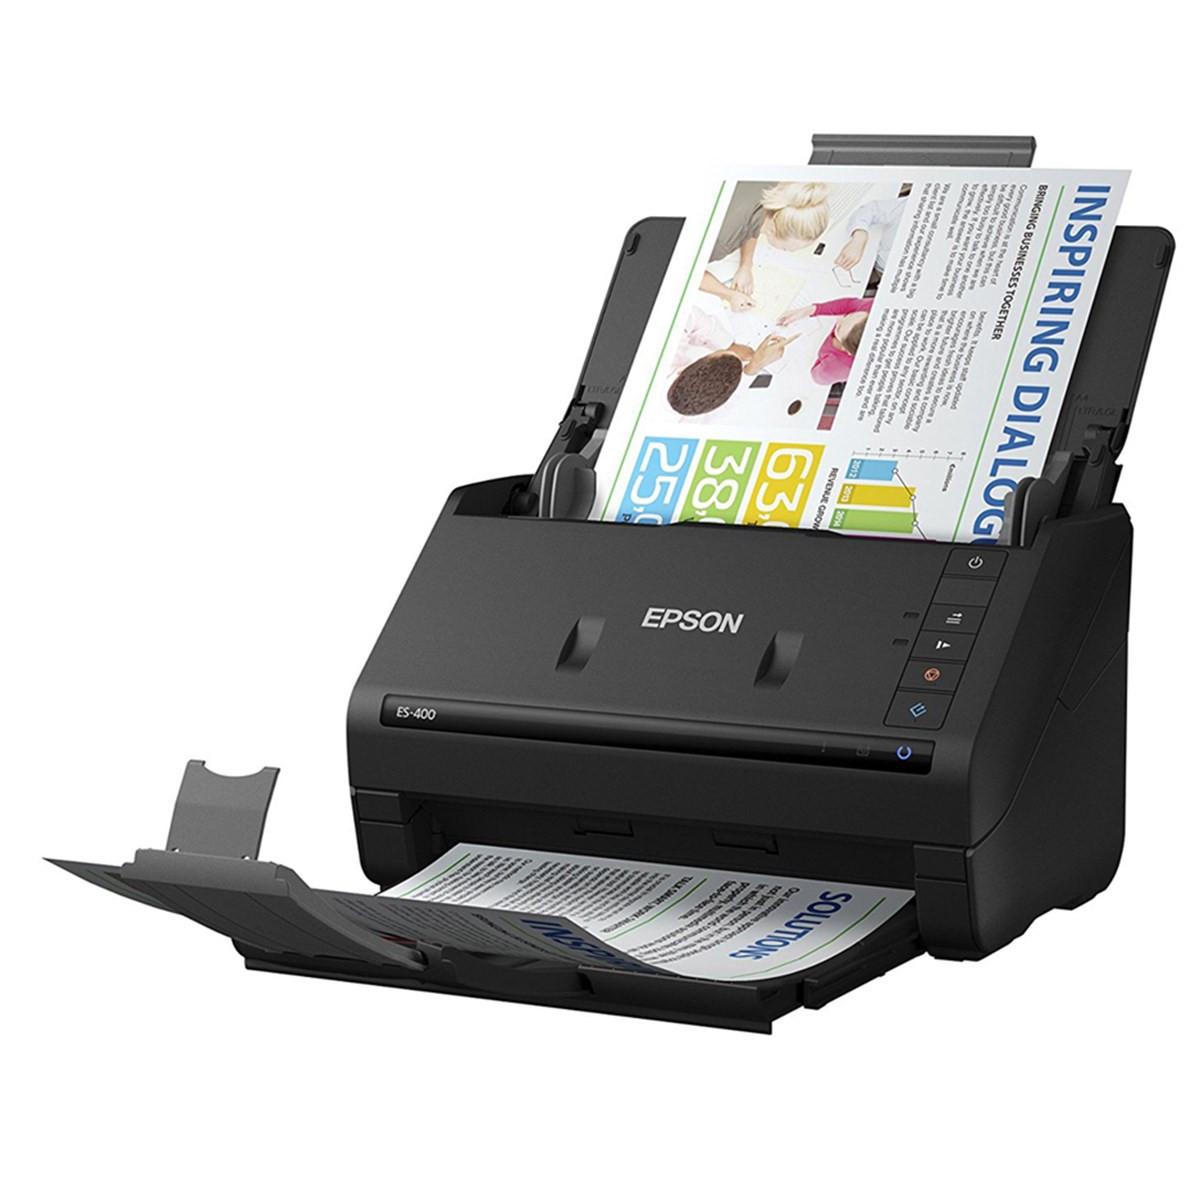 Scanner Epson WorkForce ES-400 ES400 | Conexão USB Até Tamanho A4 ADF para 50 Folhas com Duplex